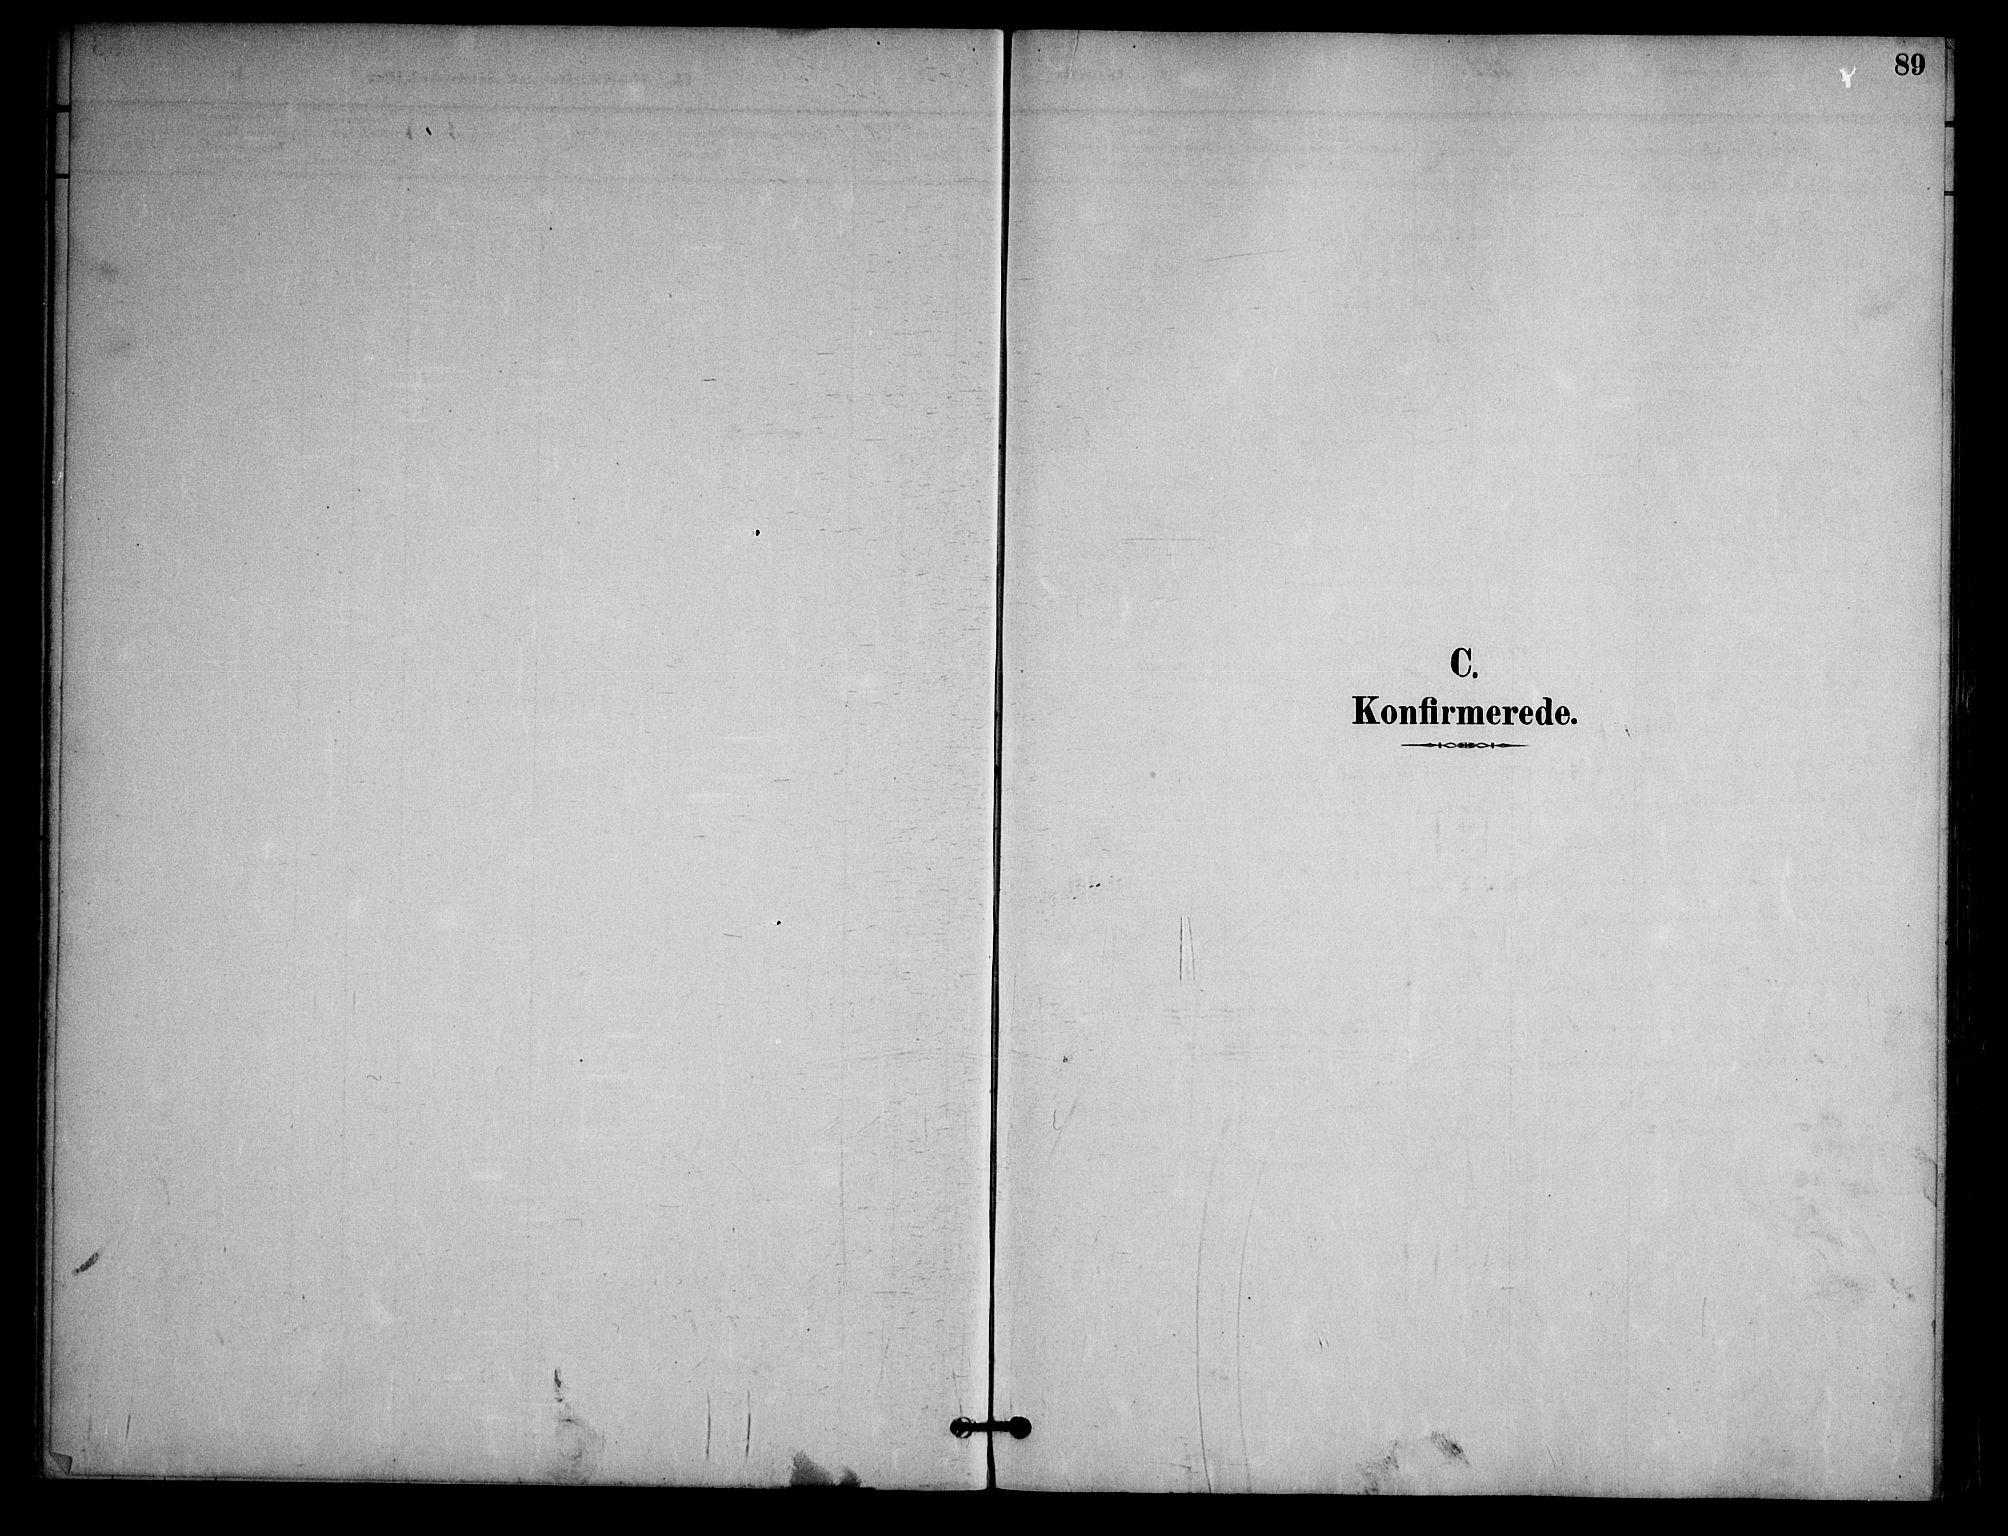 SAKO, Nissedal kirkebøker, G/Ga/L0003: Klokkerbok nr. I 3, 1887-1911, s. 89